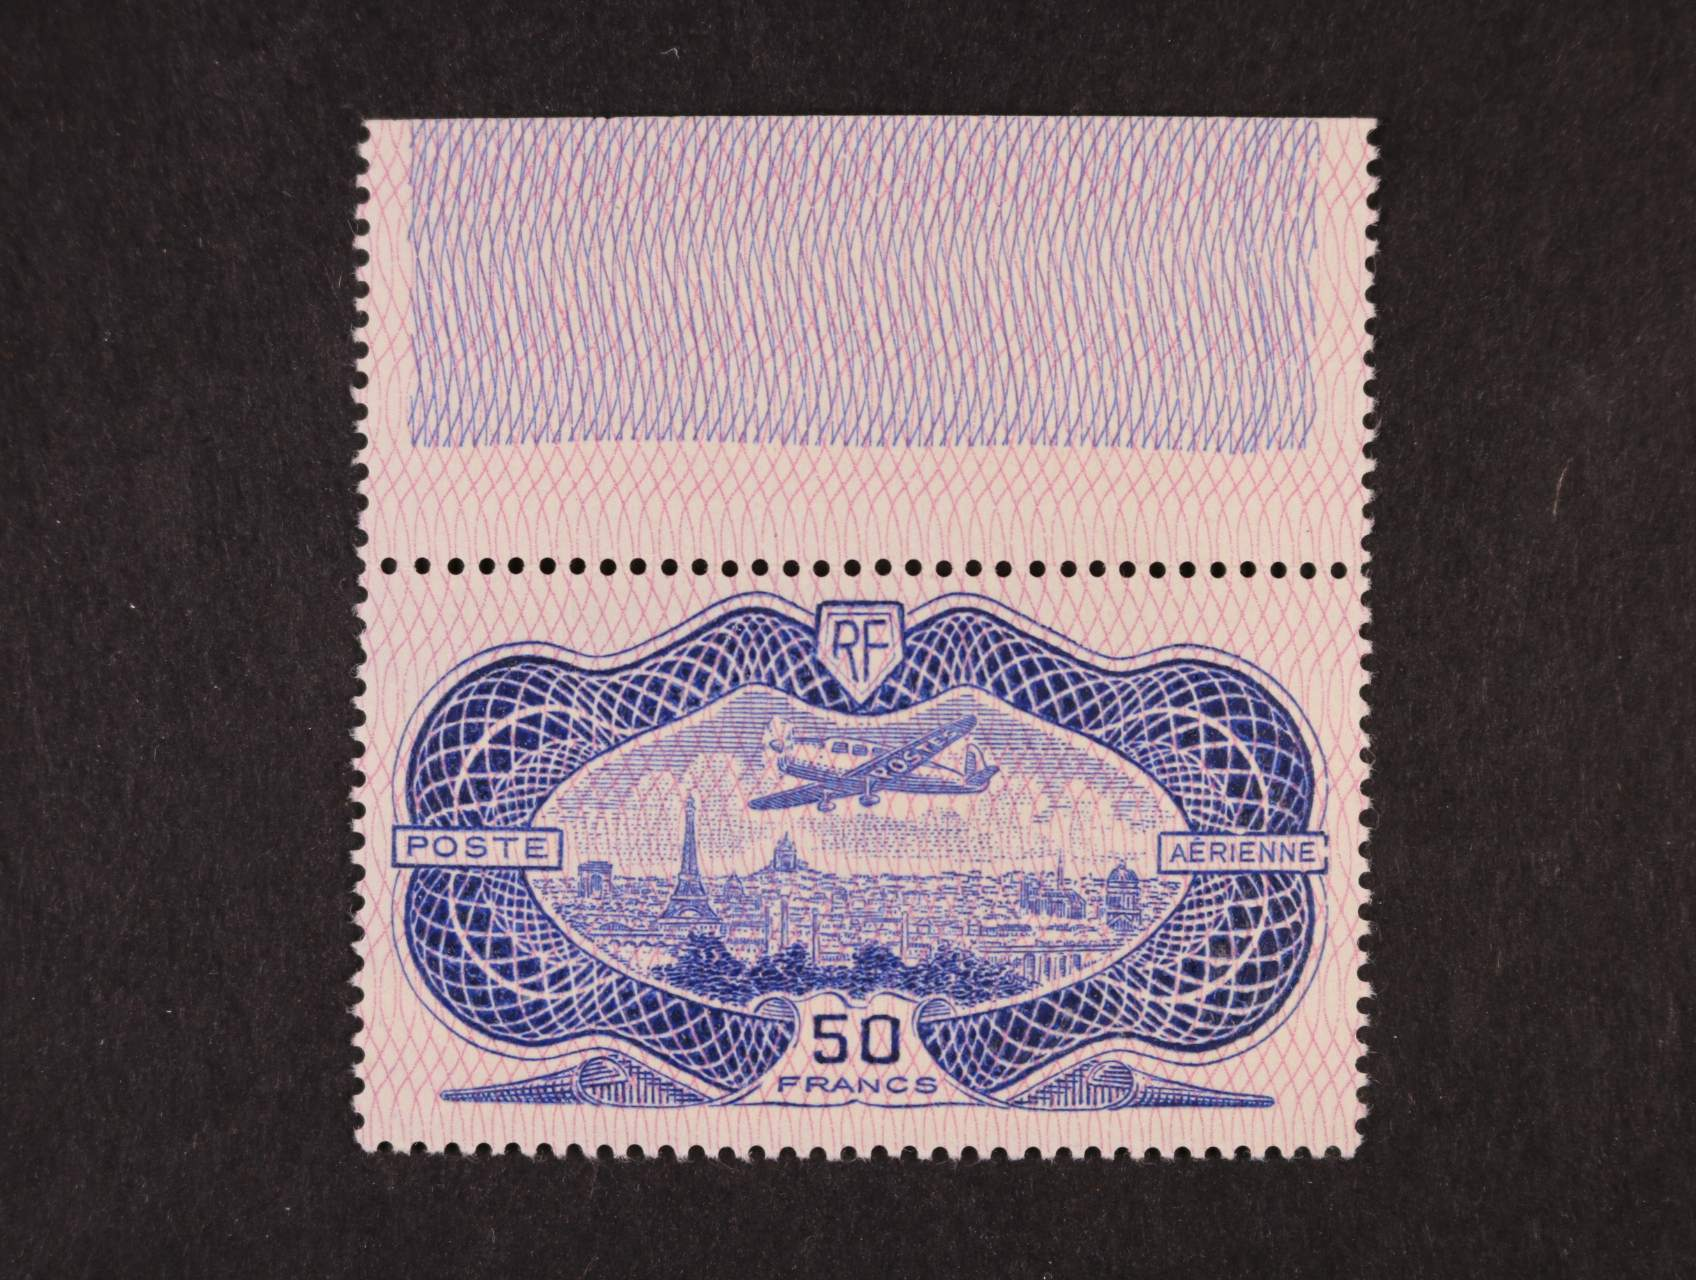 zn. Mi. č. 321 s horním okrajem, lux. kvalita, 1100 EUR